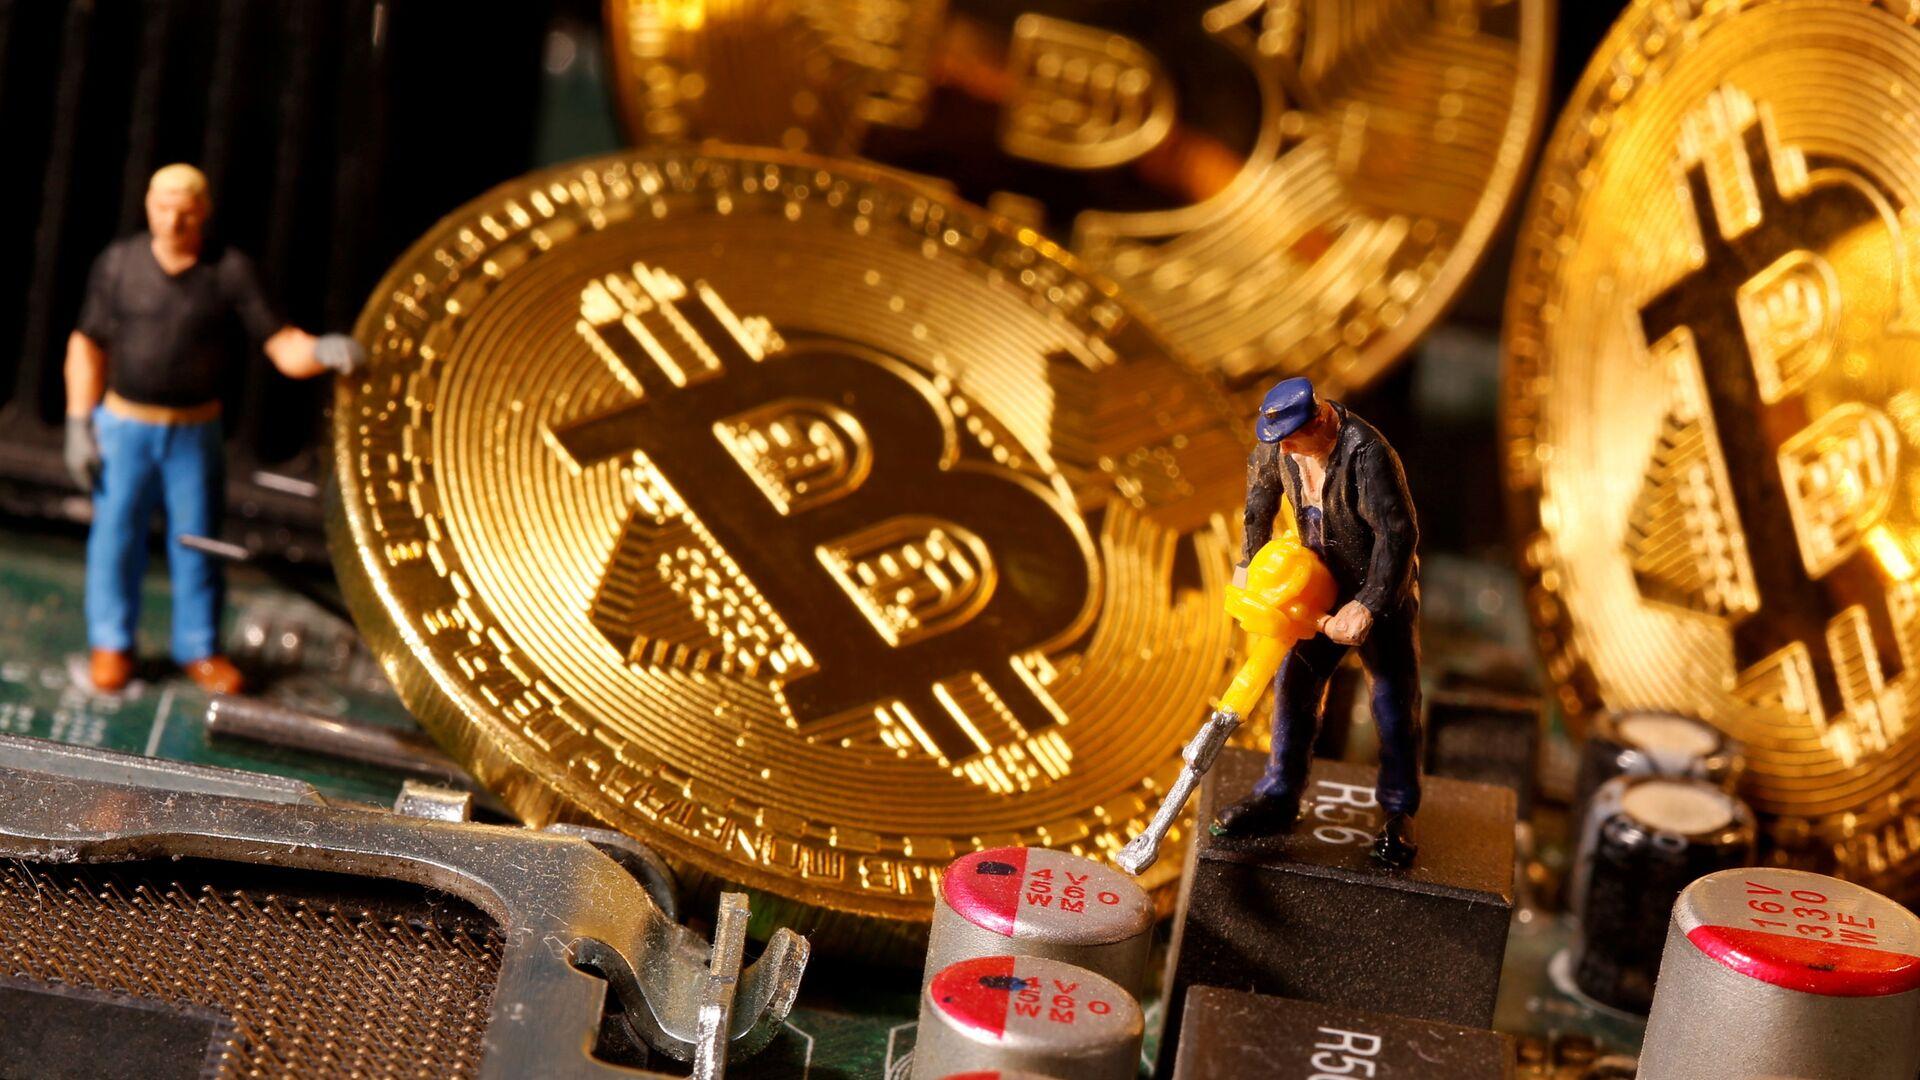 Una representación de bitcoines - Sputnik Mundo, 1920, 09.02.2021